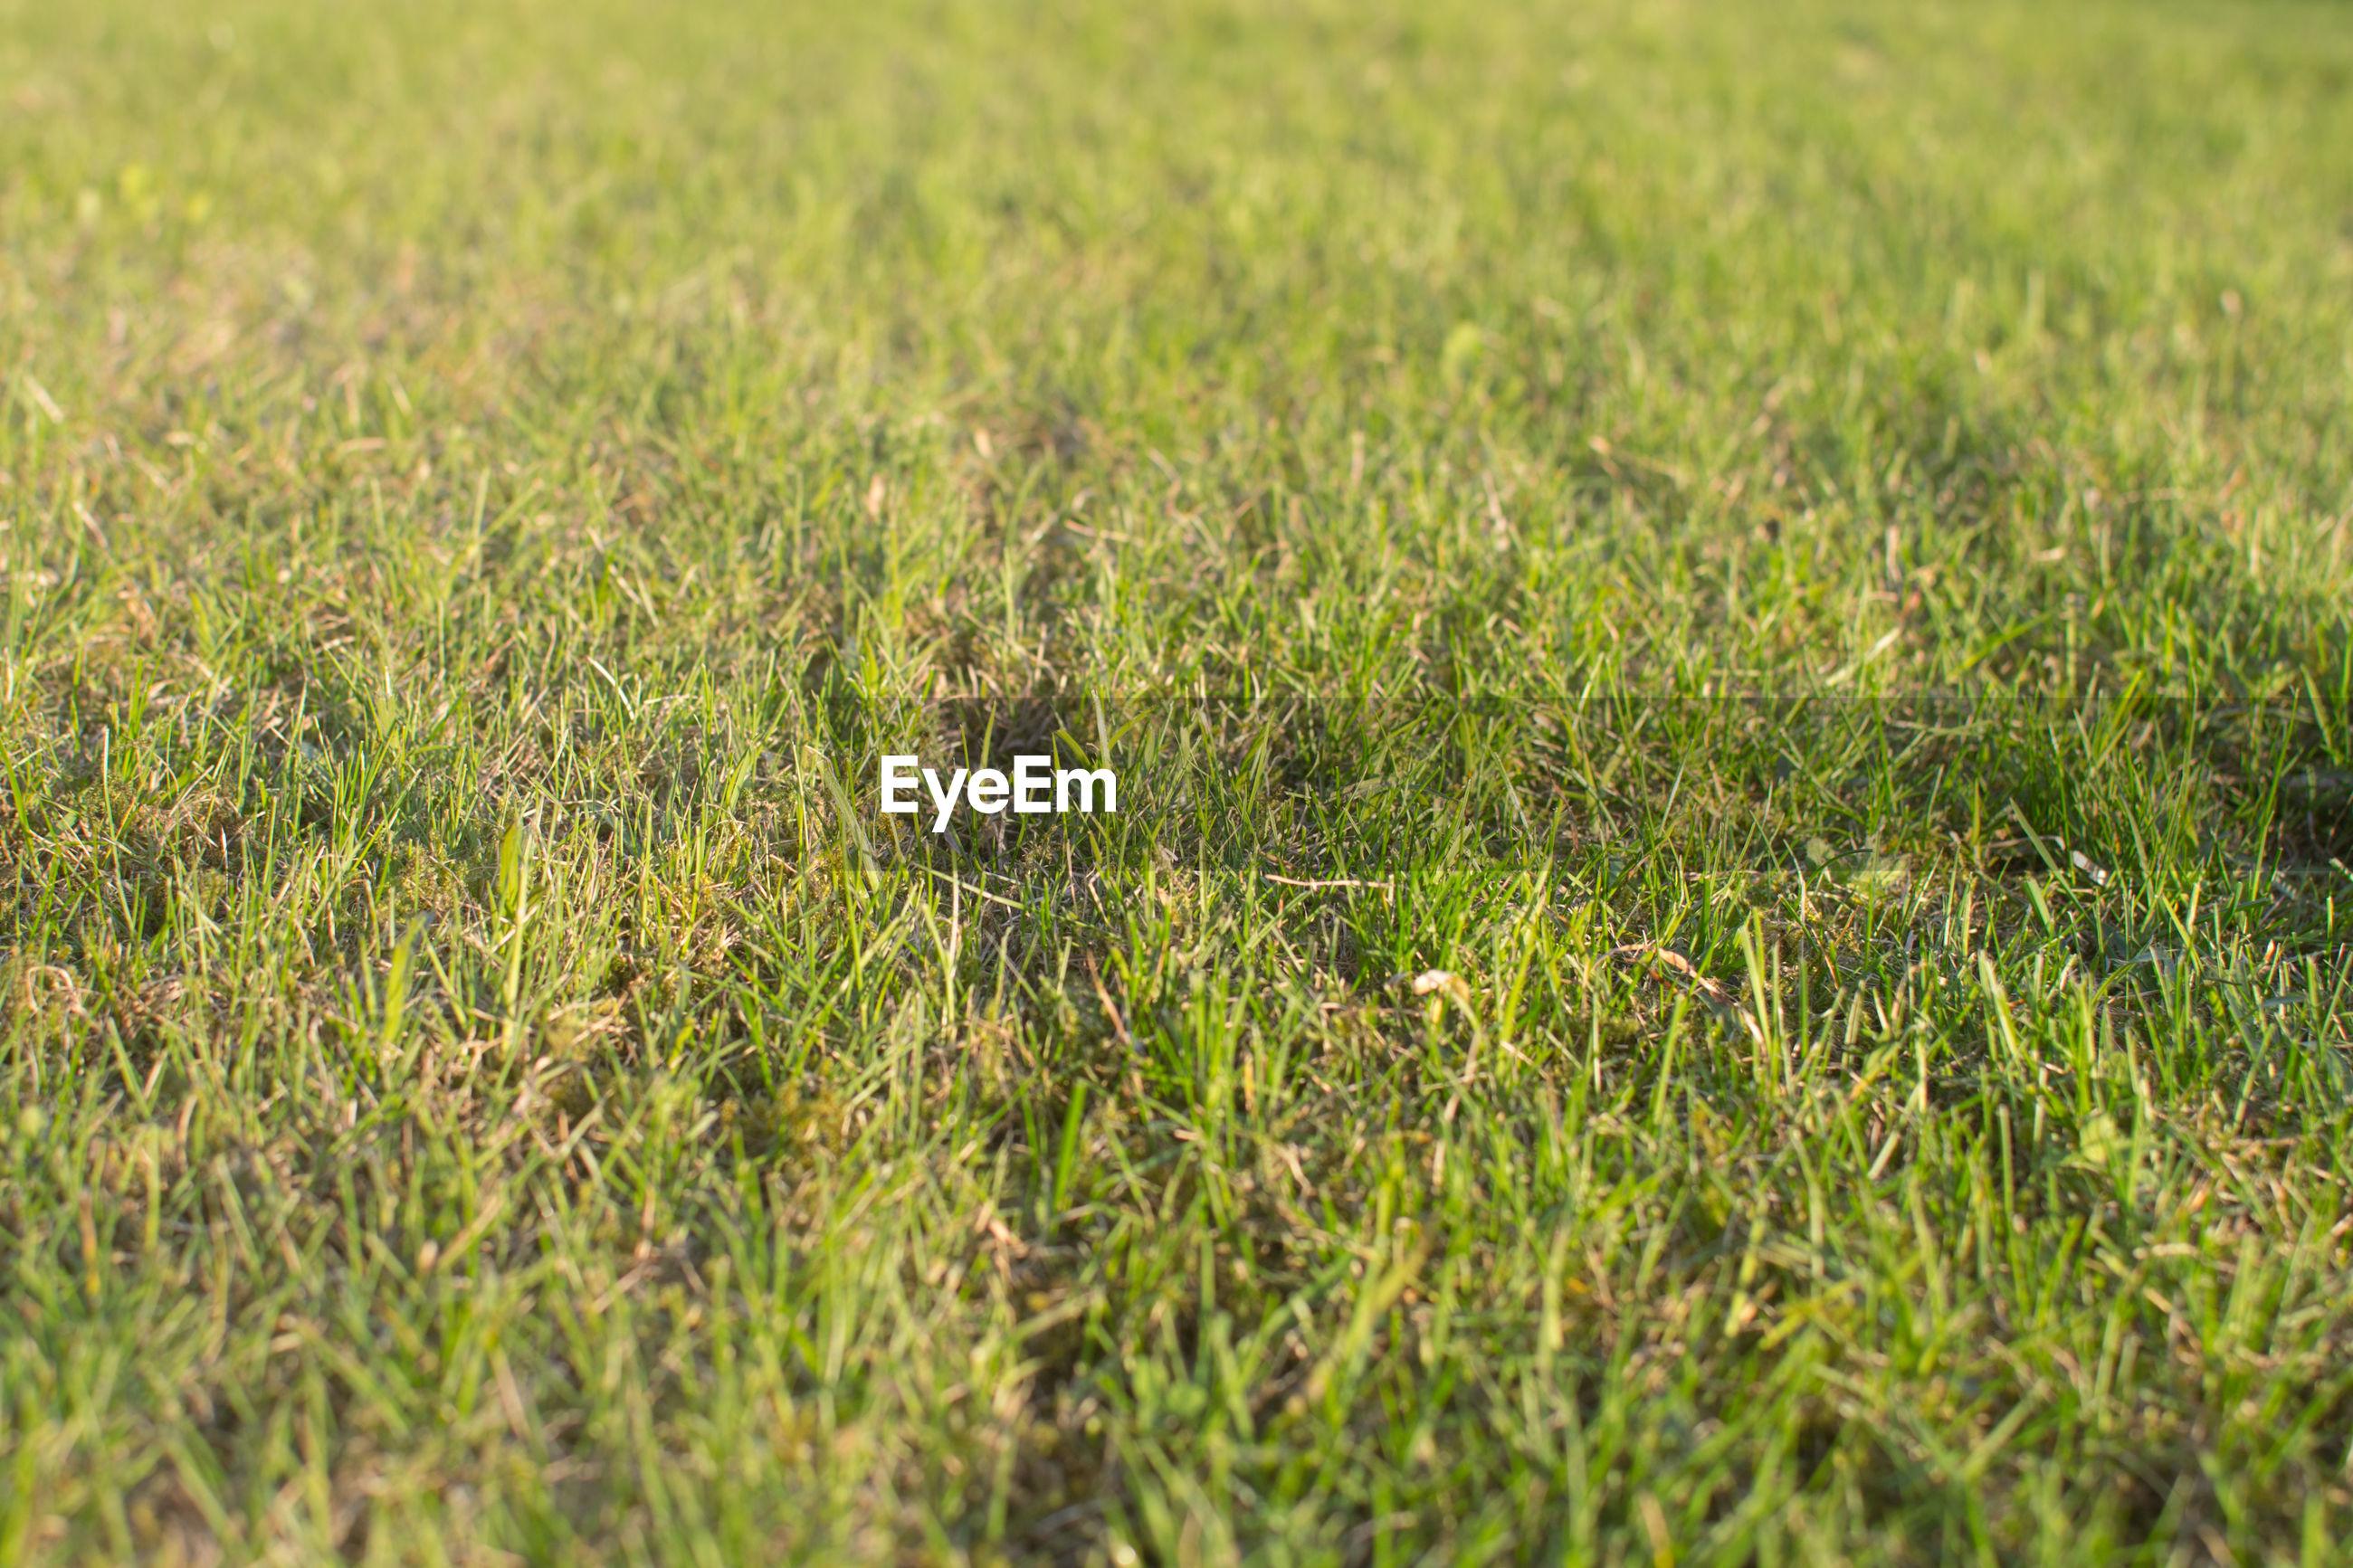 Full frame of lawn grass